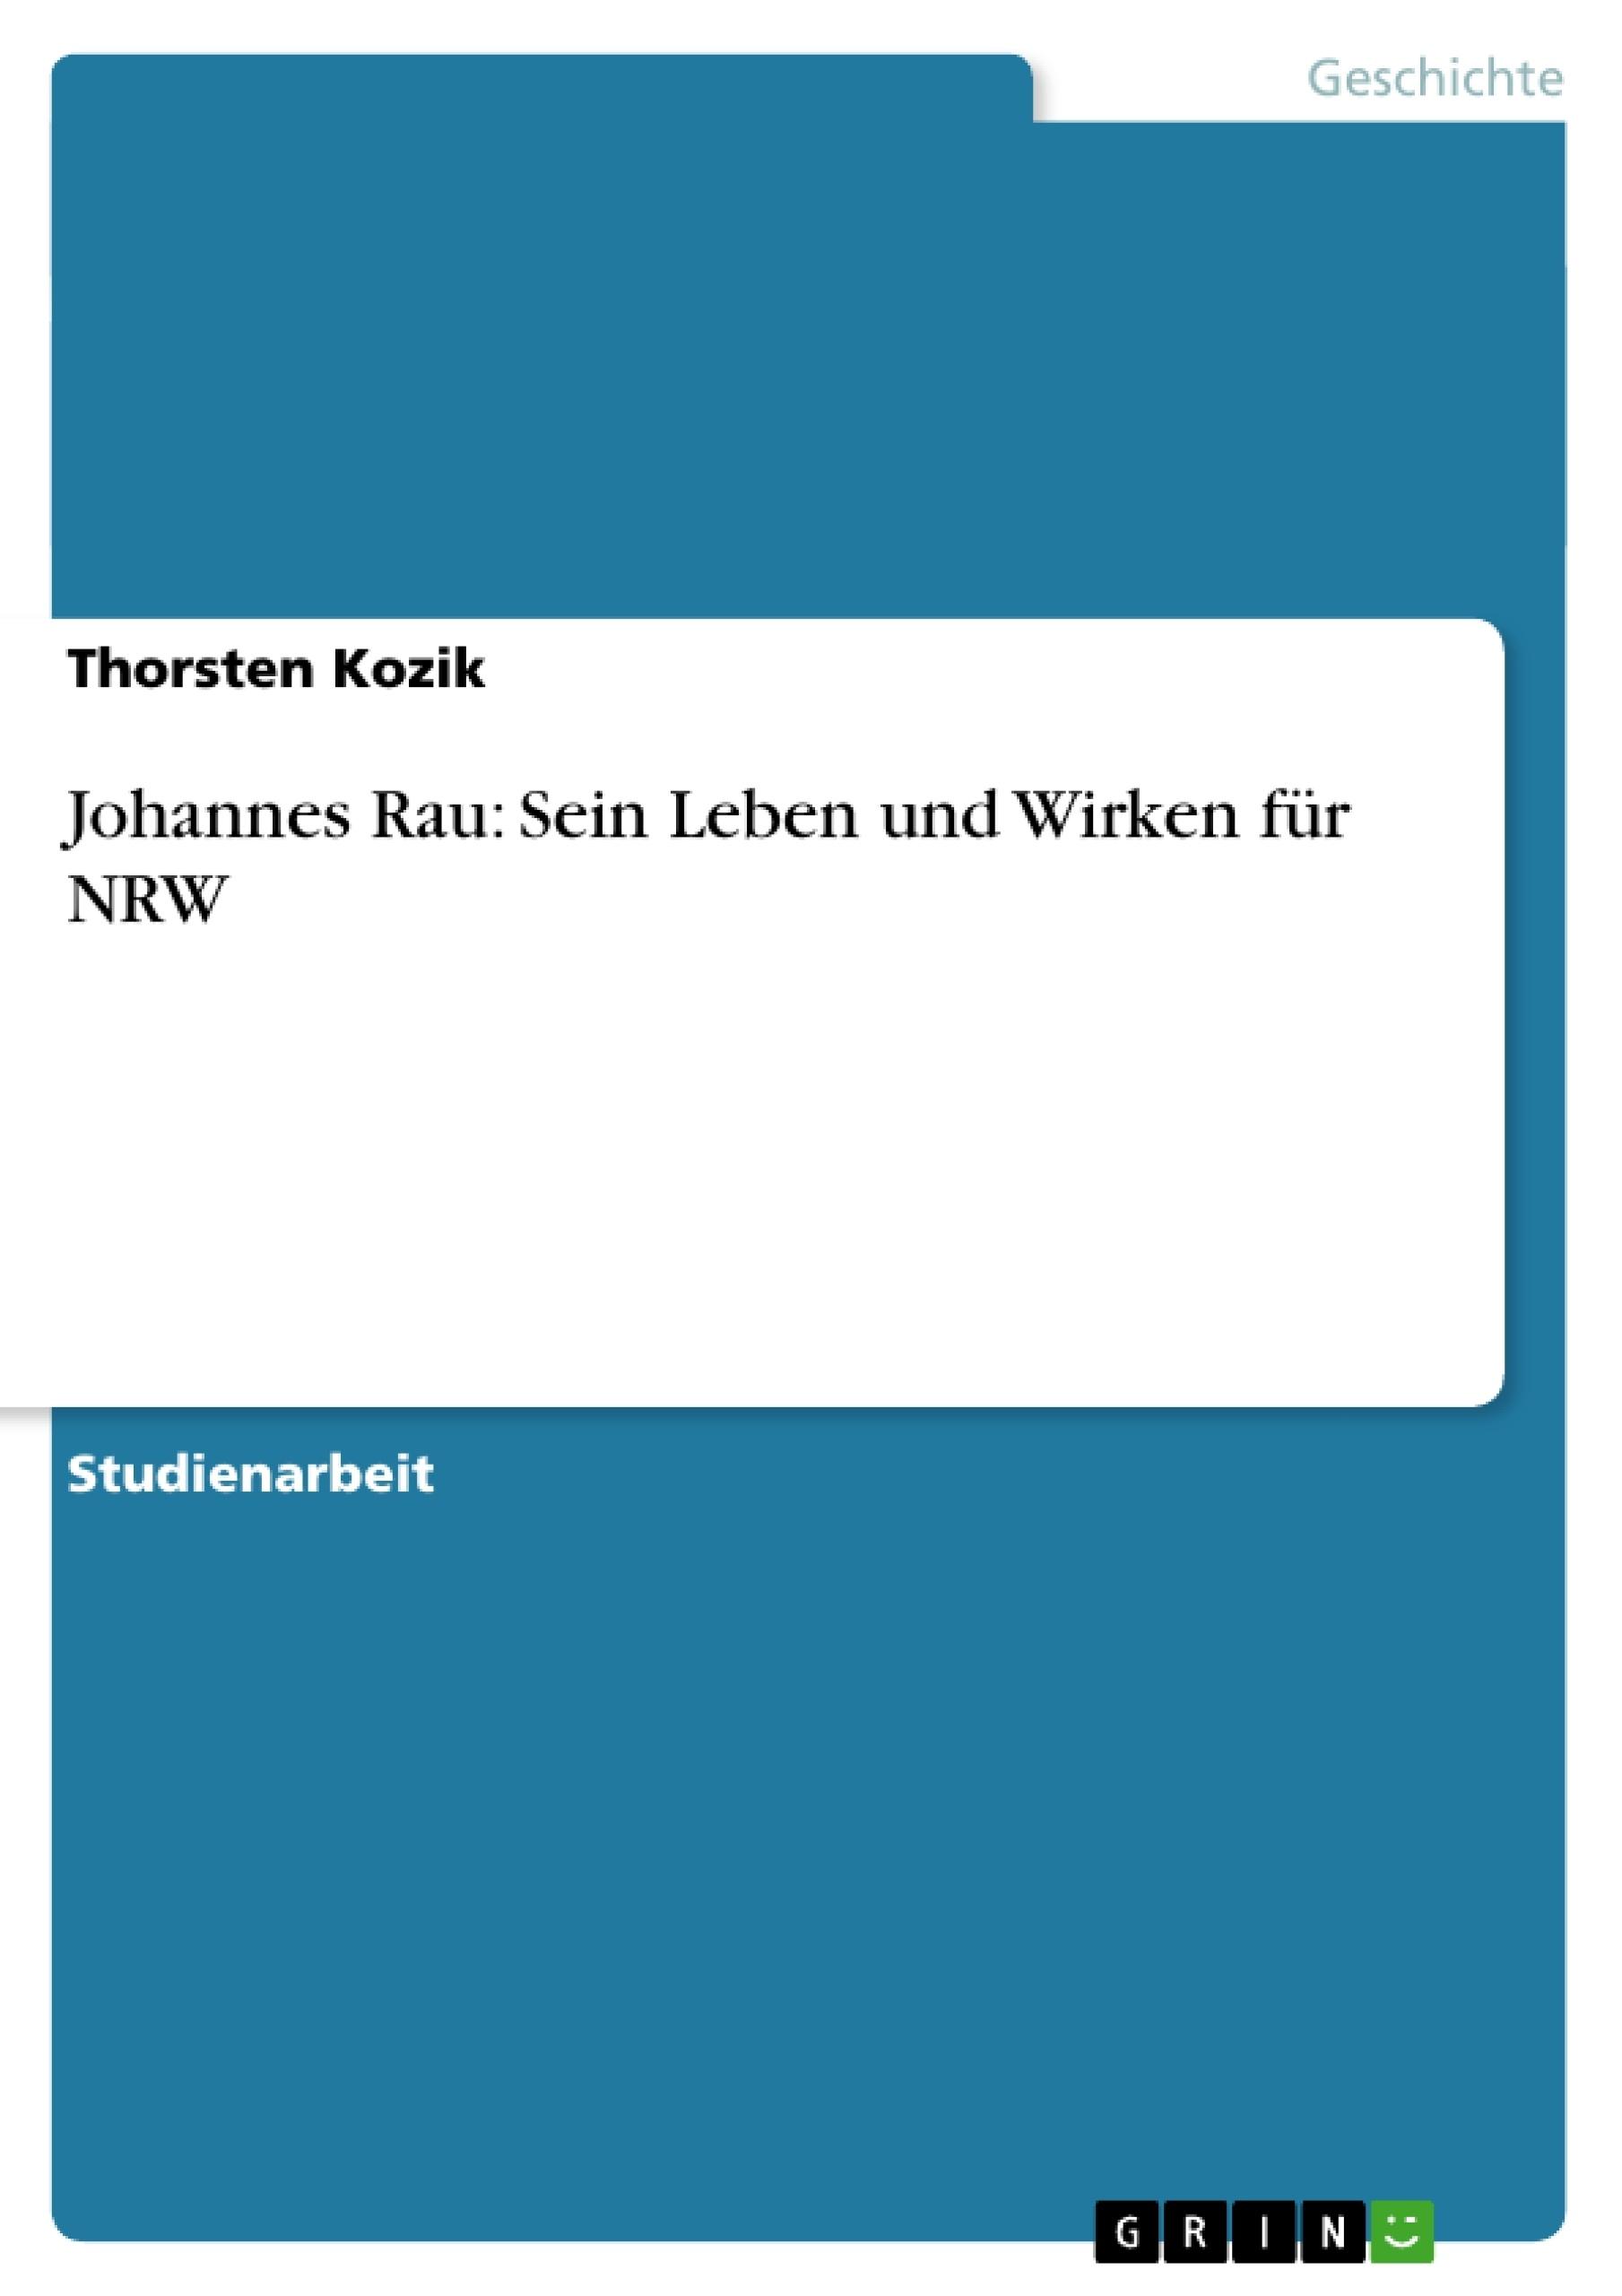 Titel: Johannes Rau:  Sein Leben und Wirken für NRW